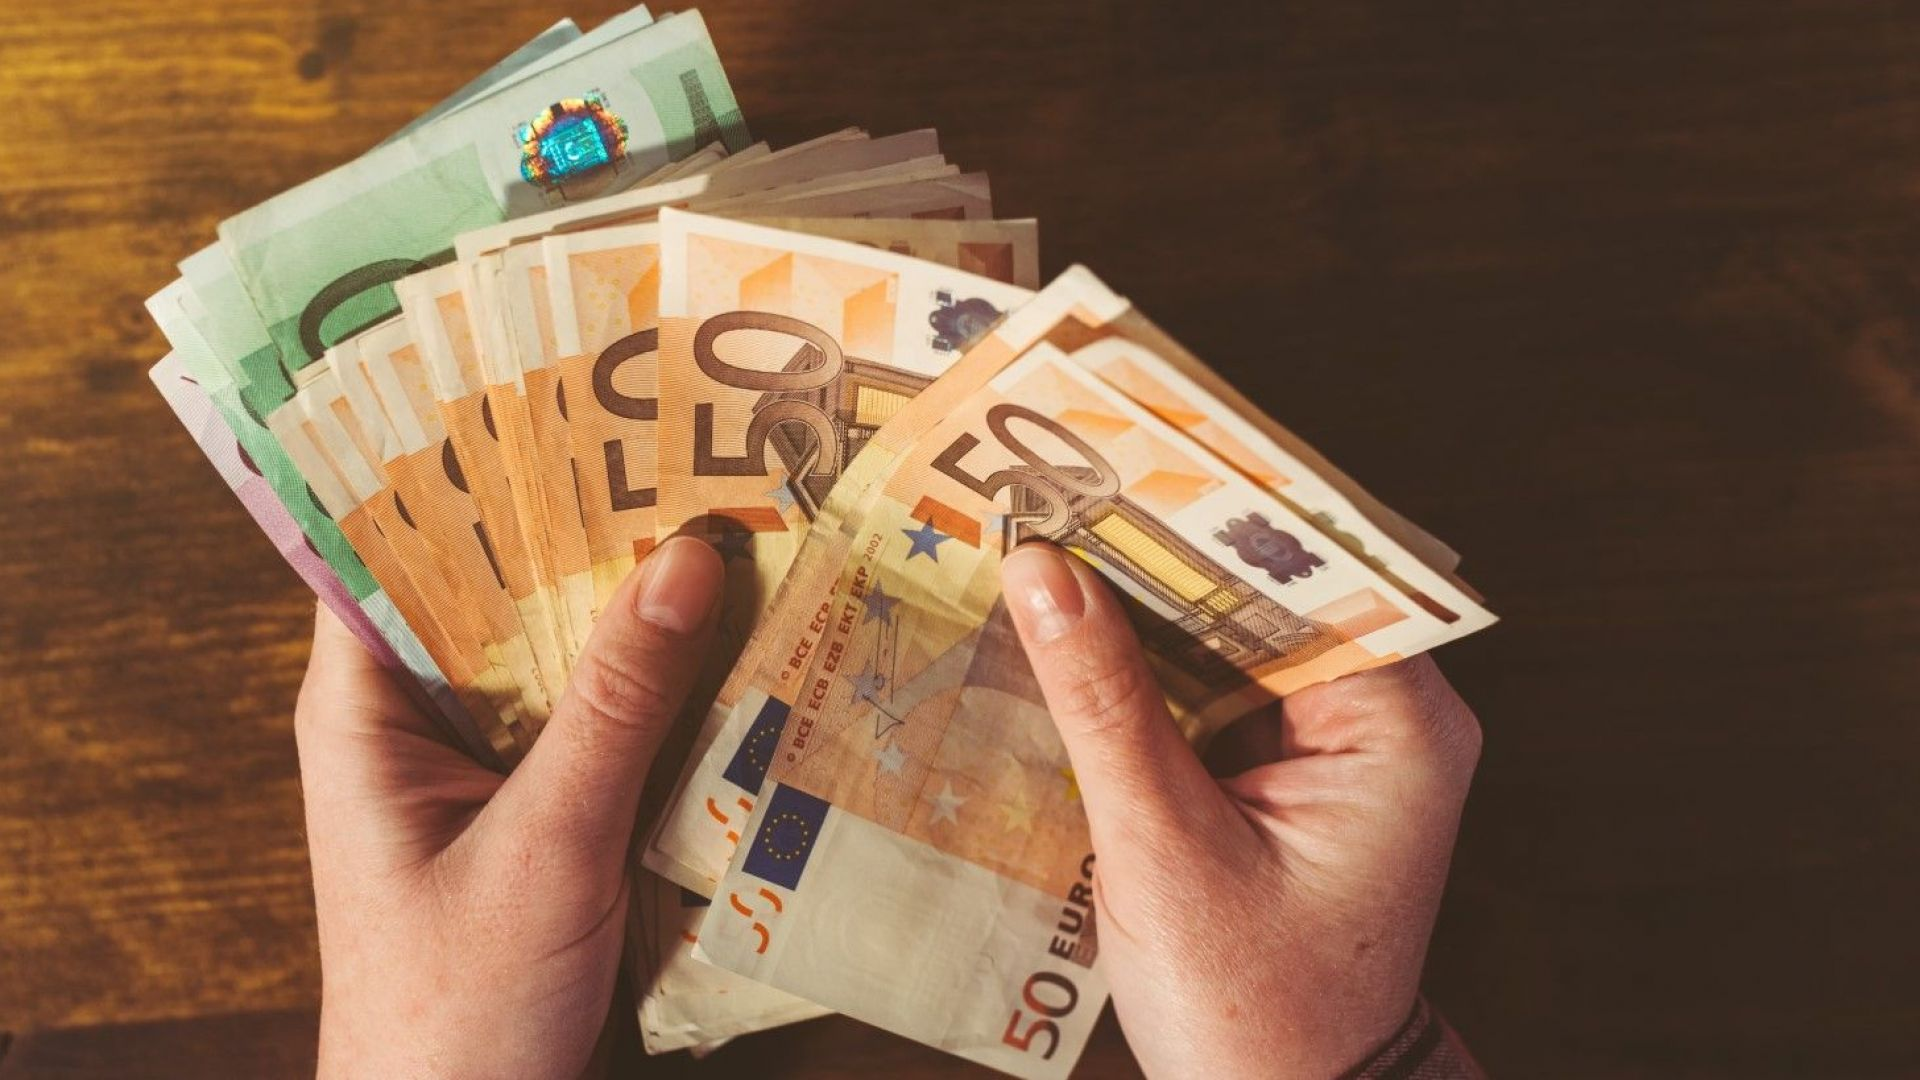 Българи в чужбина изпратиха 731 млн. евро на близките си у нас